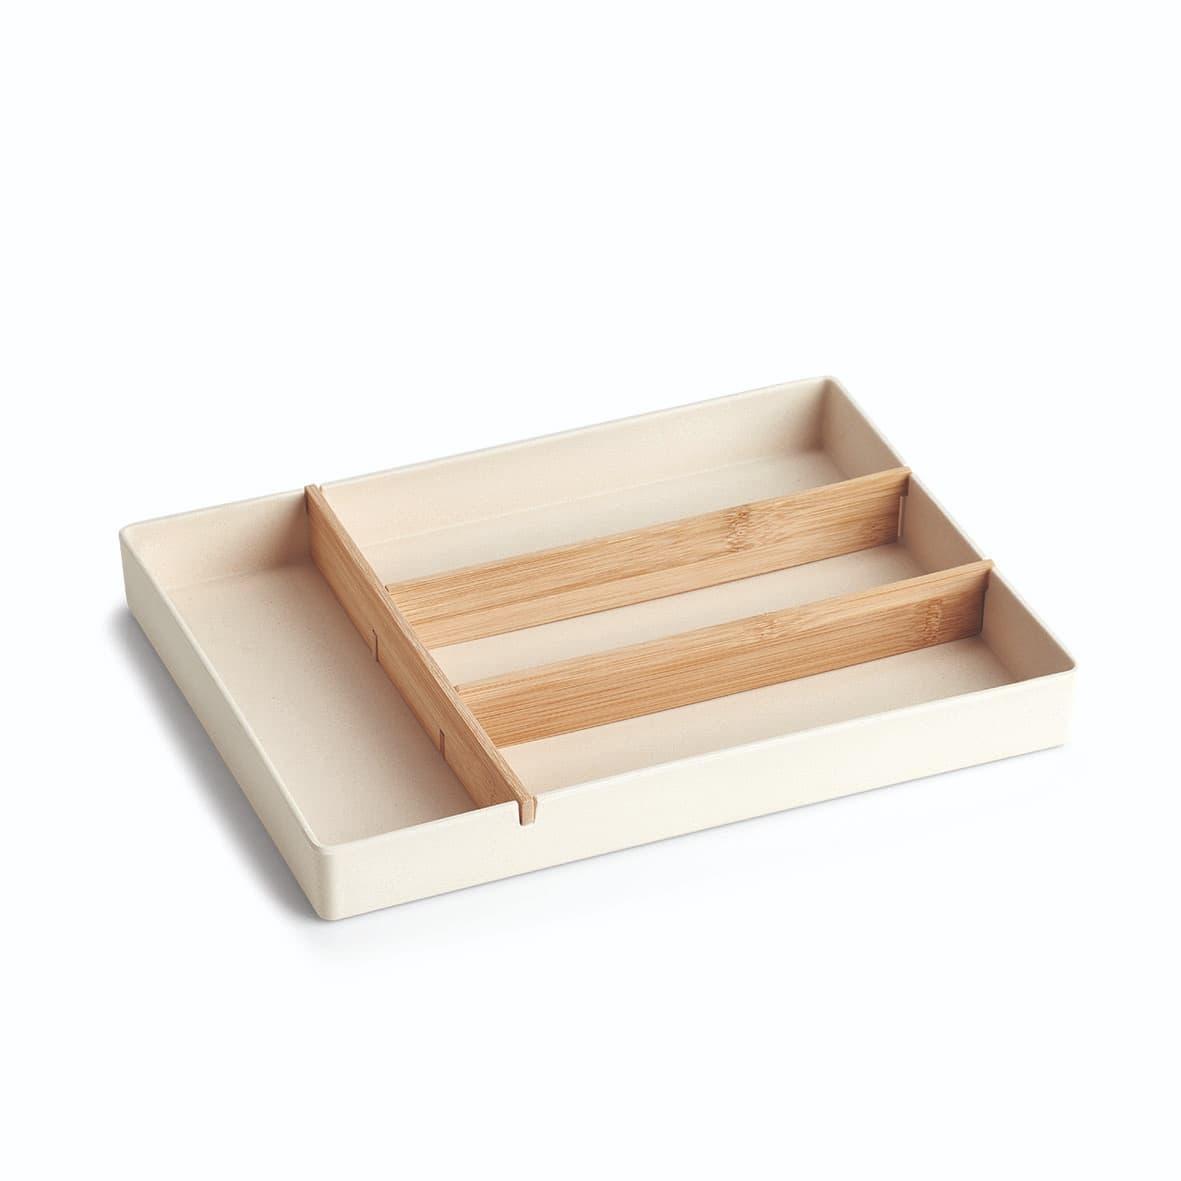 Organizator pentru tacamuri, cu 4 compartimente, din fibre de bambus, Cutlery Natural, L33xl25xH3,8 cm imagine